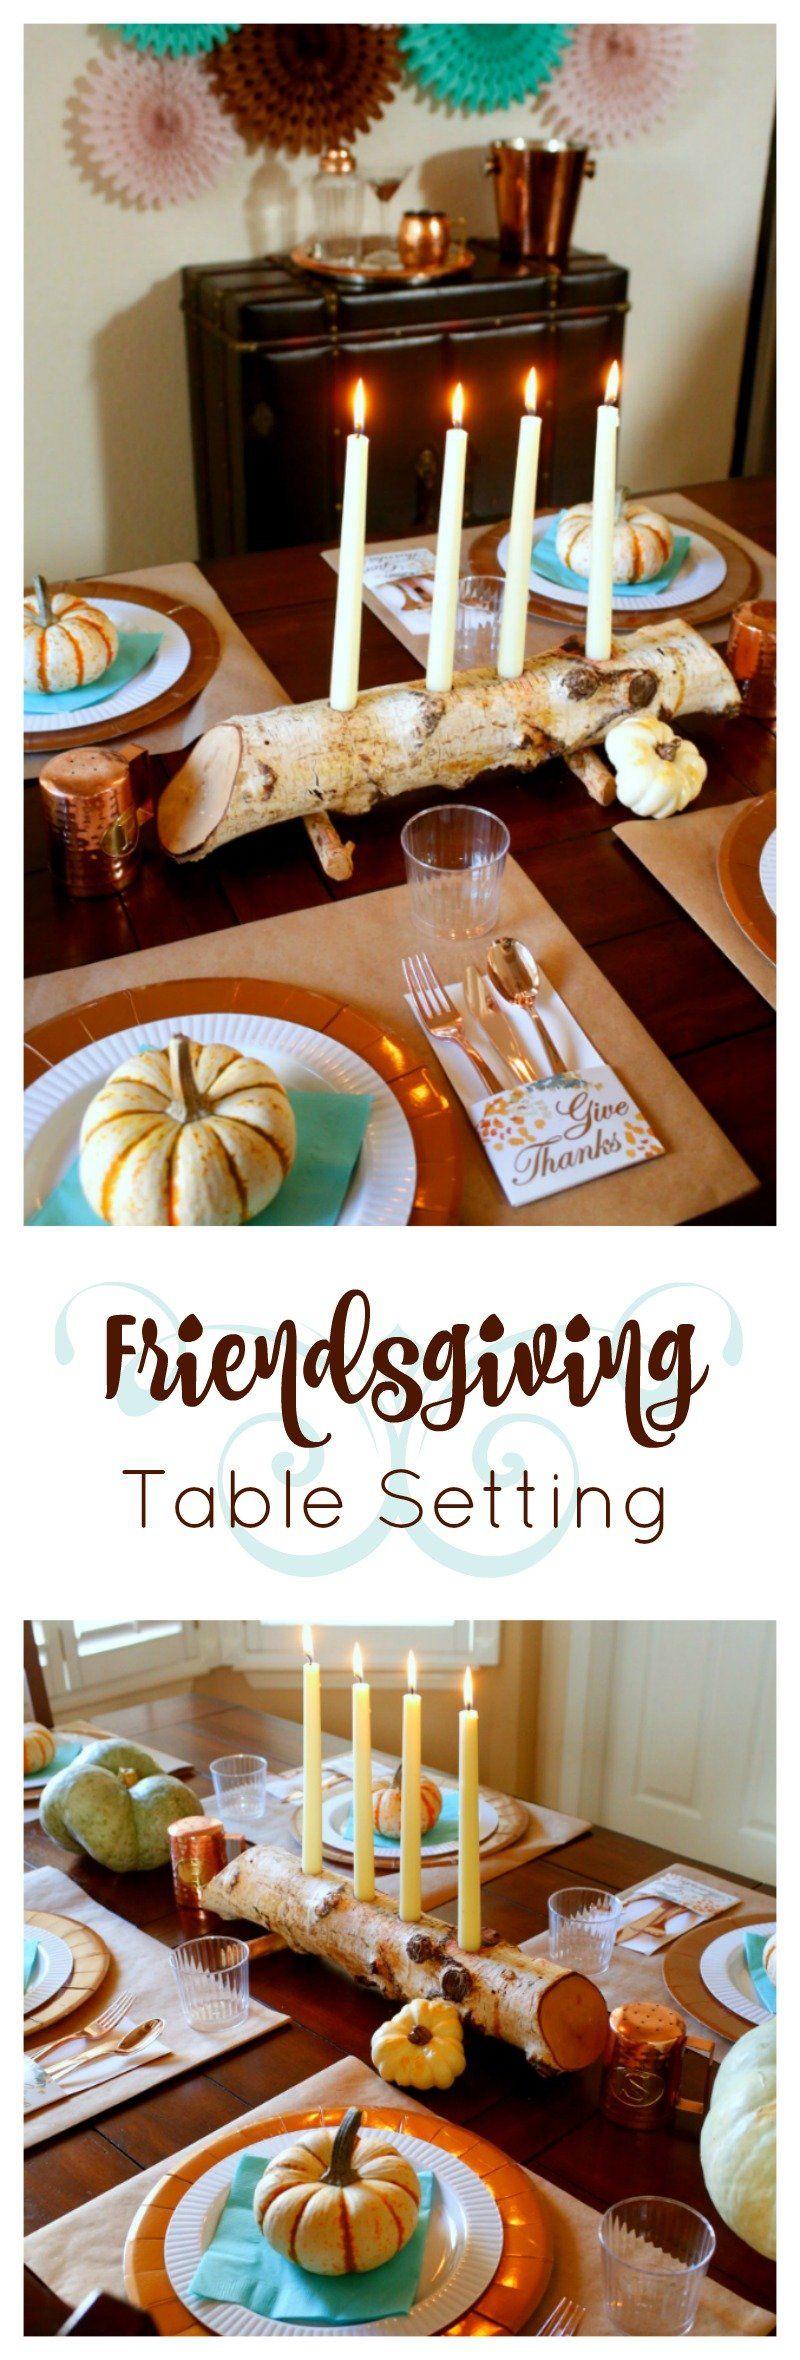 Friendsgiving Table Setting #thanksgivingtablesettings